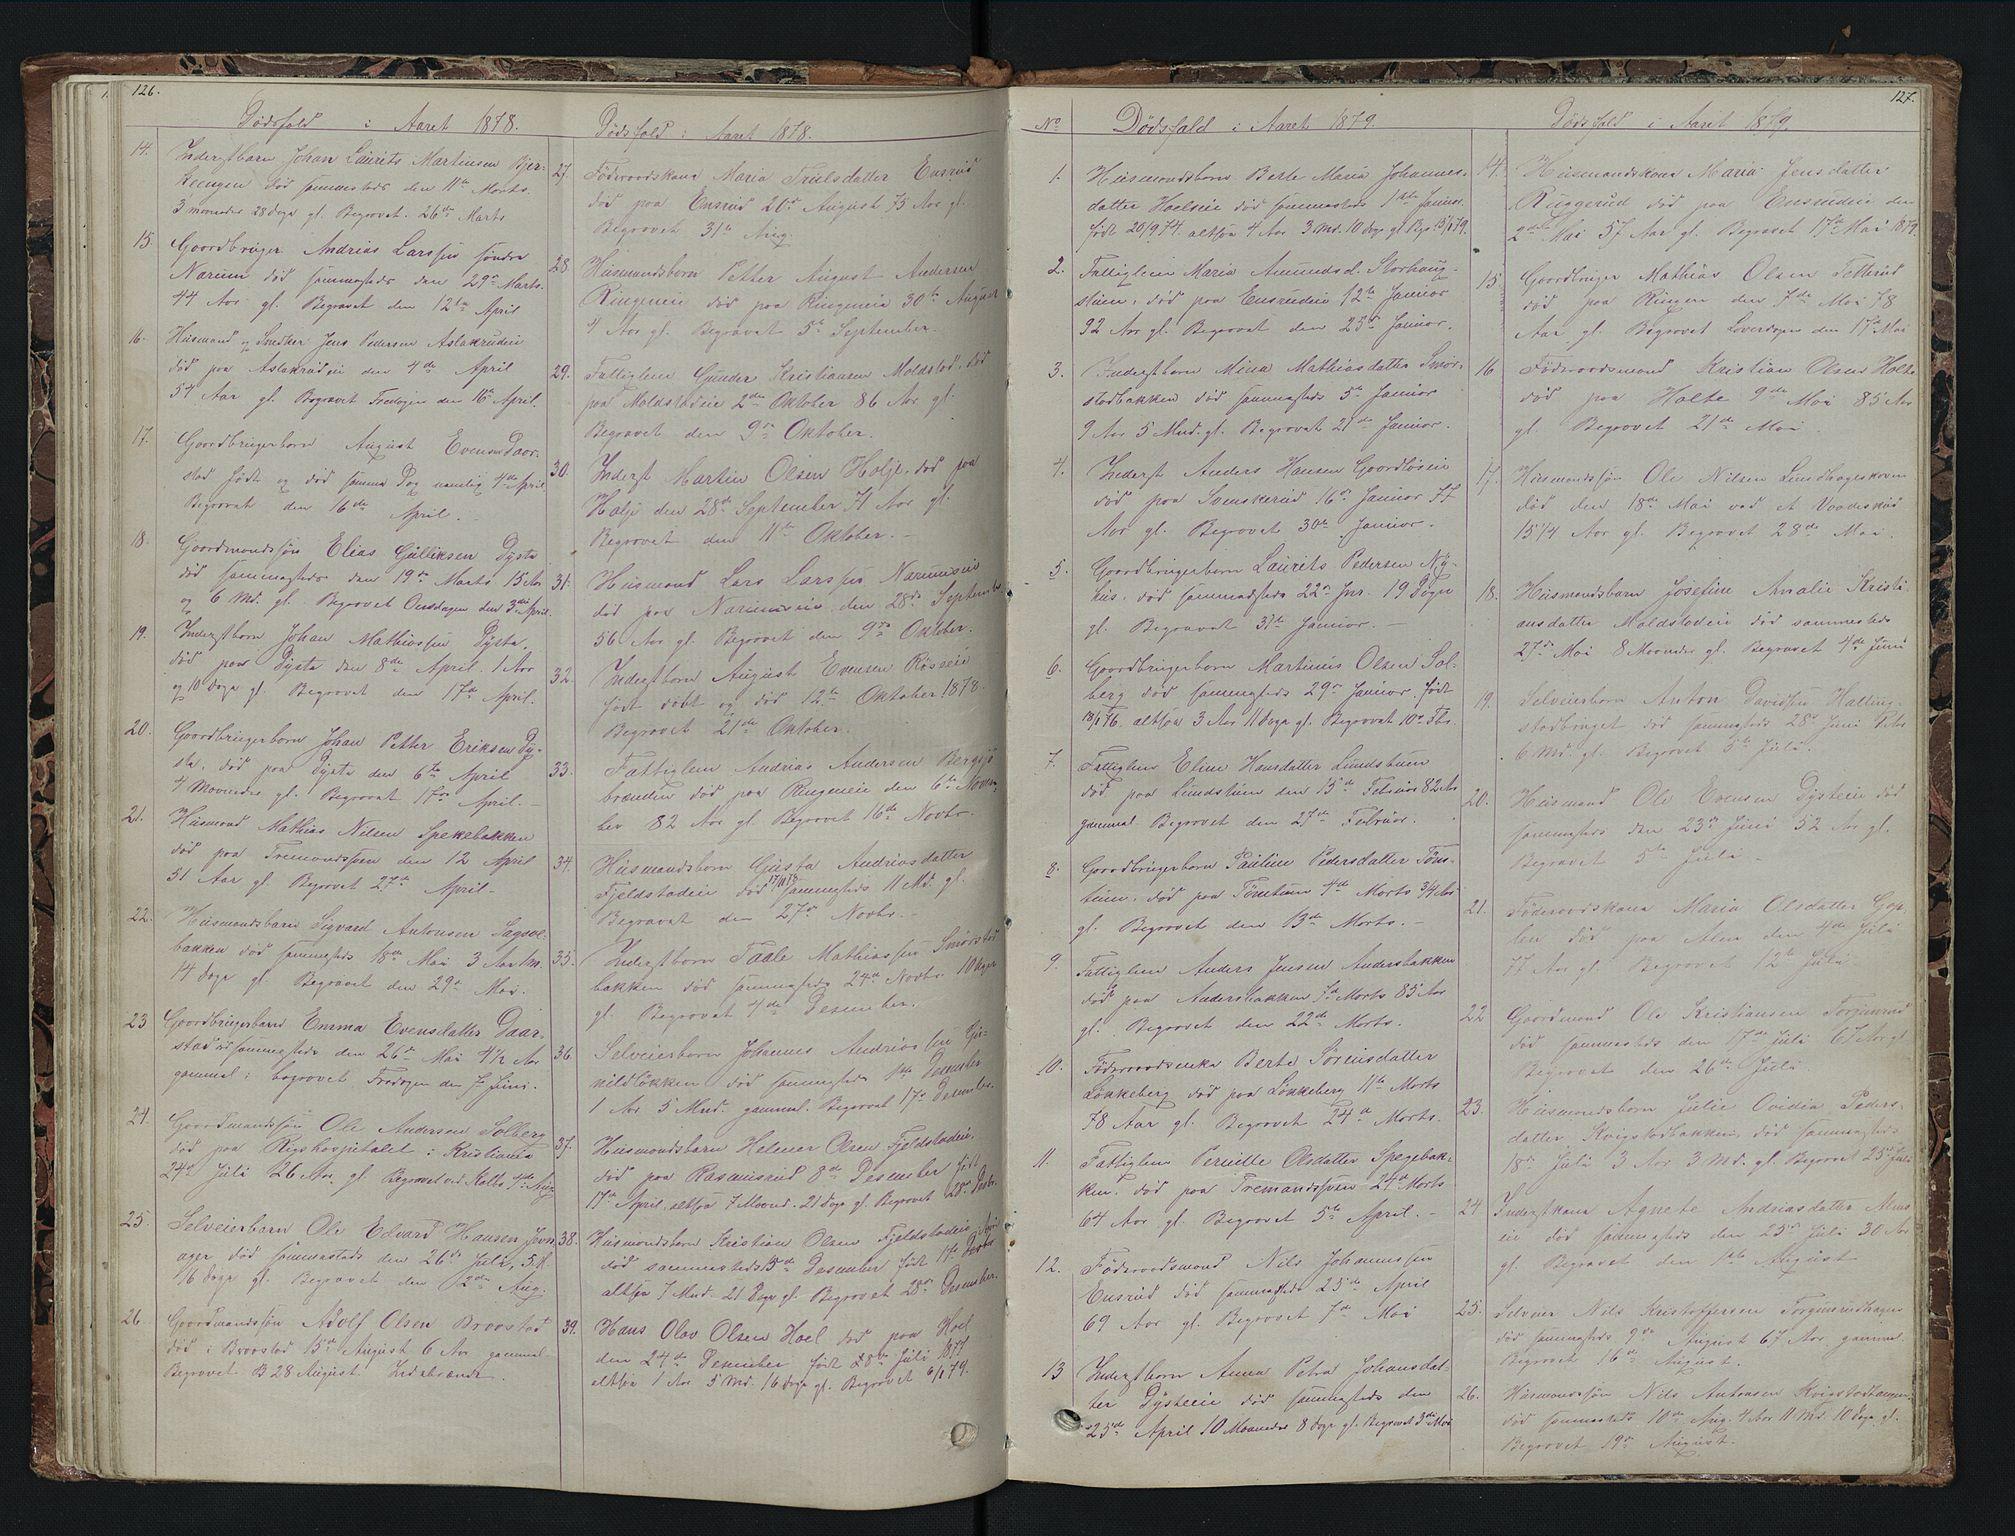 SAH, Vestre Toten prestekontor, Klokkerbok nr. 7, 1872-1900, s. 126-127